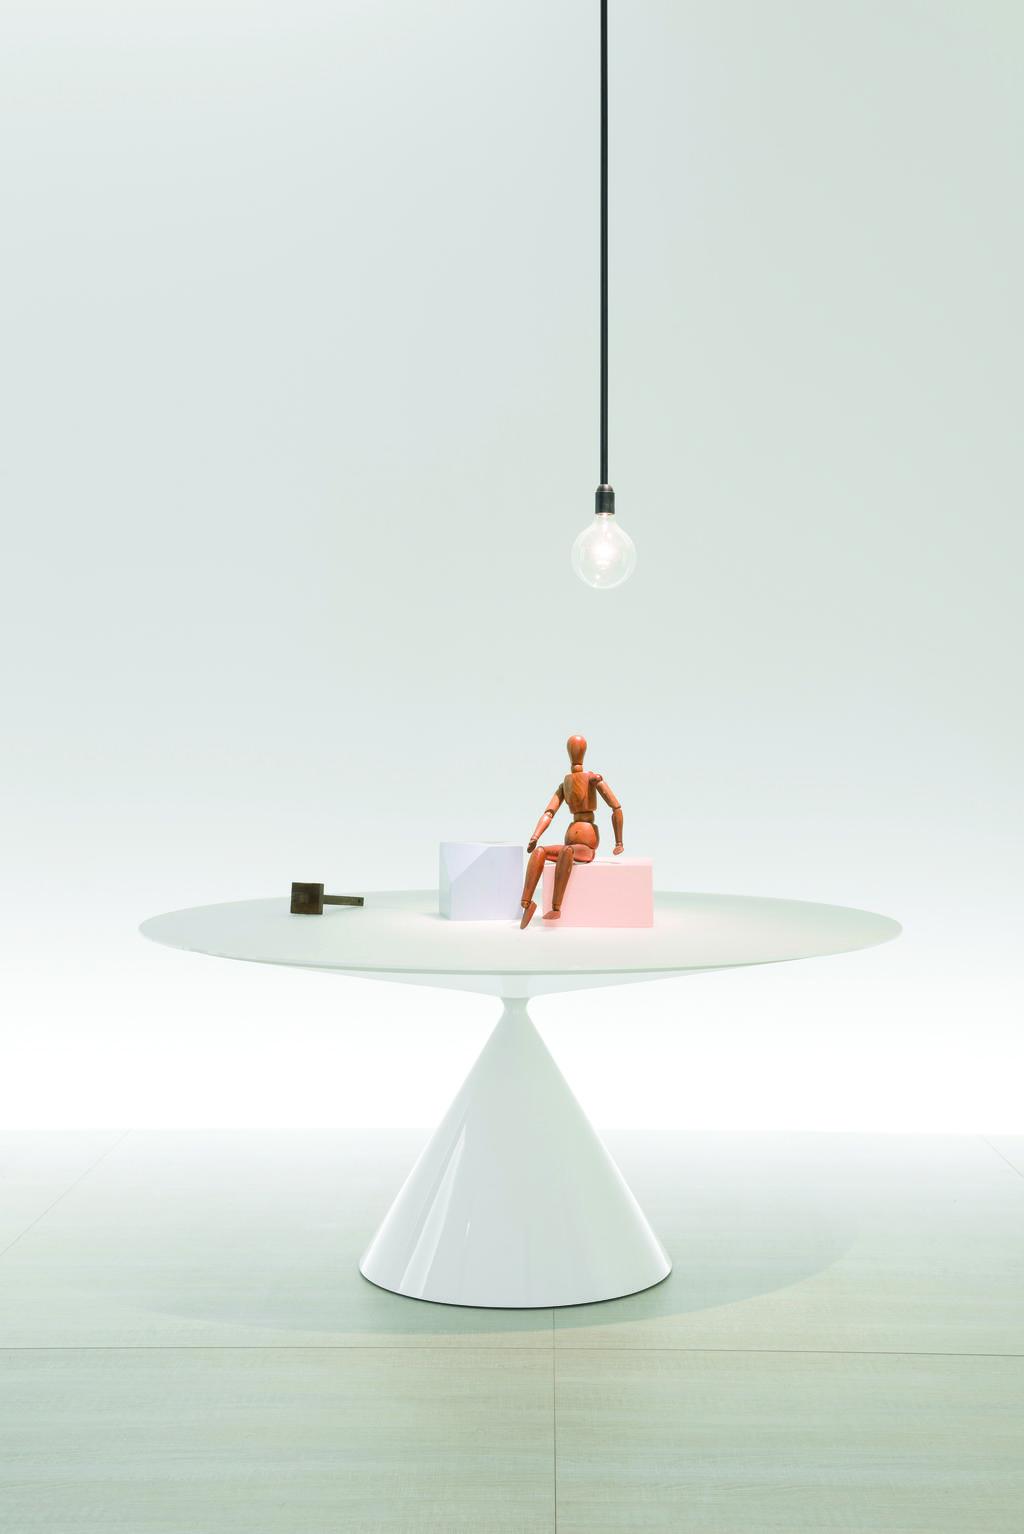 שילוב של נפח וגאומטריה. שולחן לבן Clay ל- DESALO . הביטאט